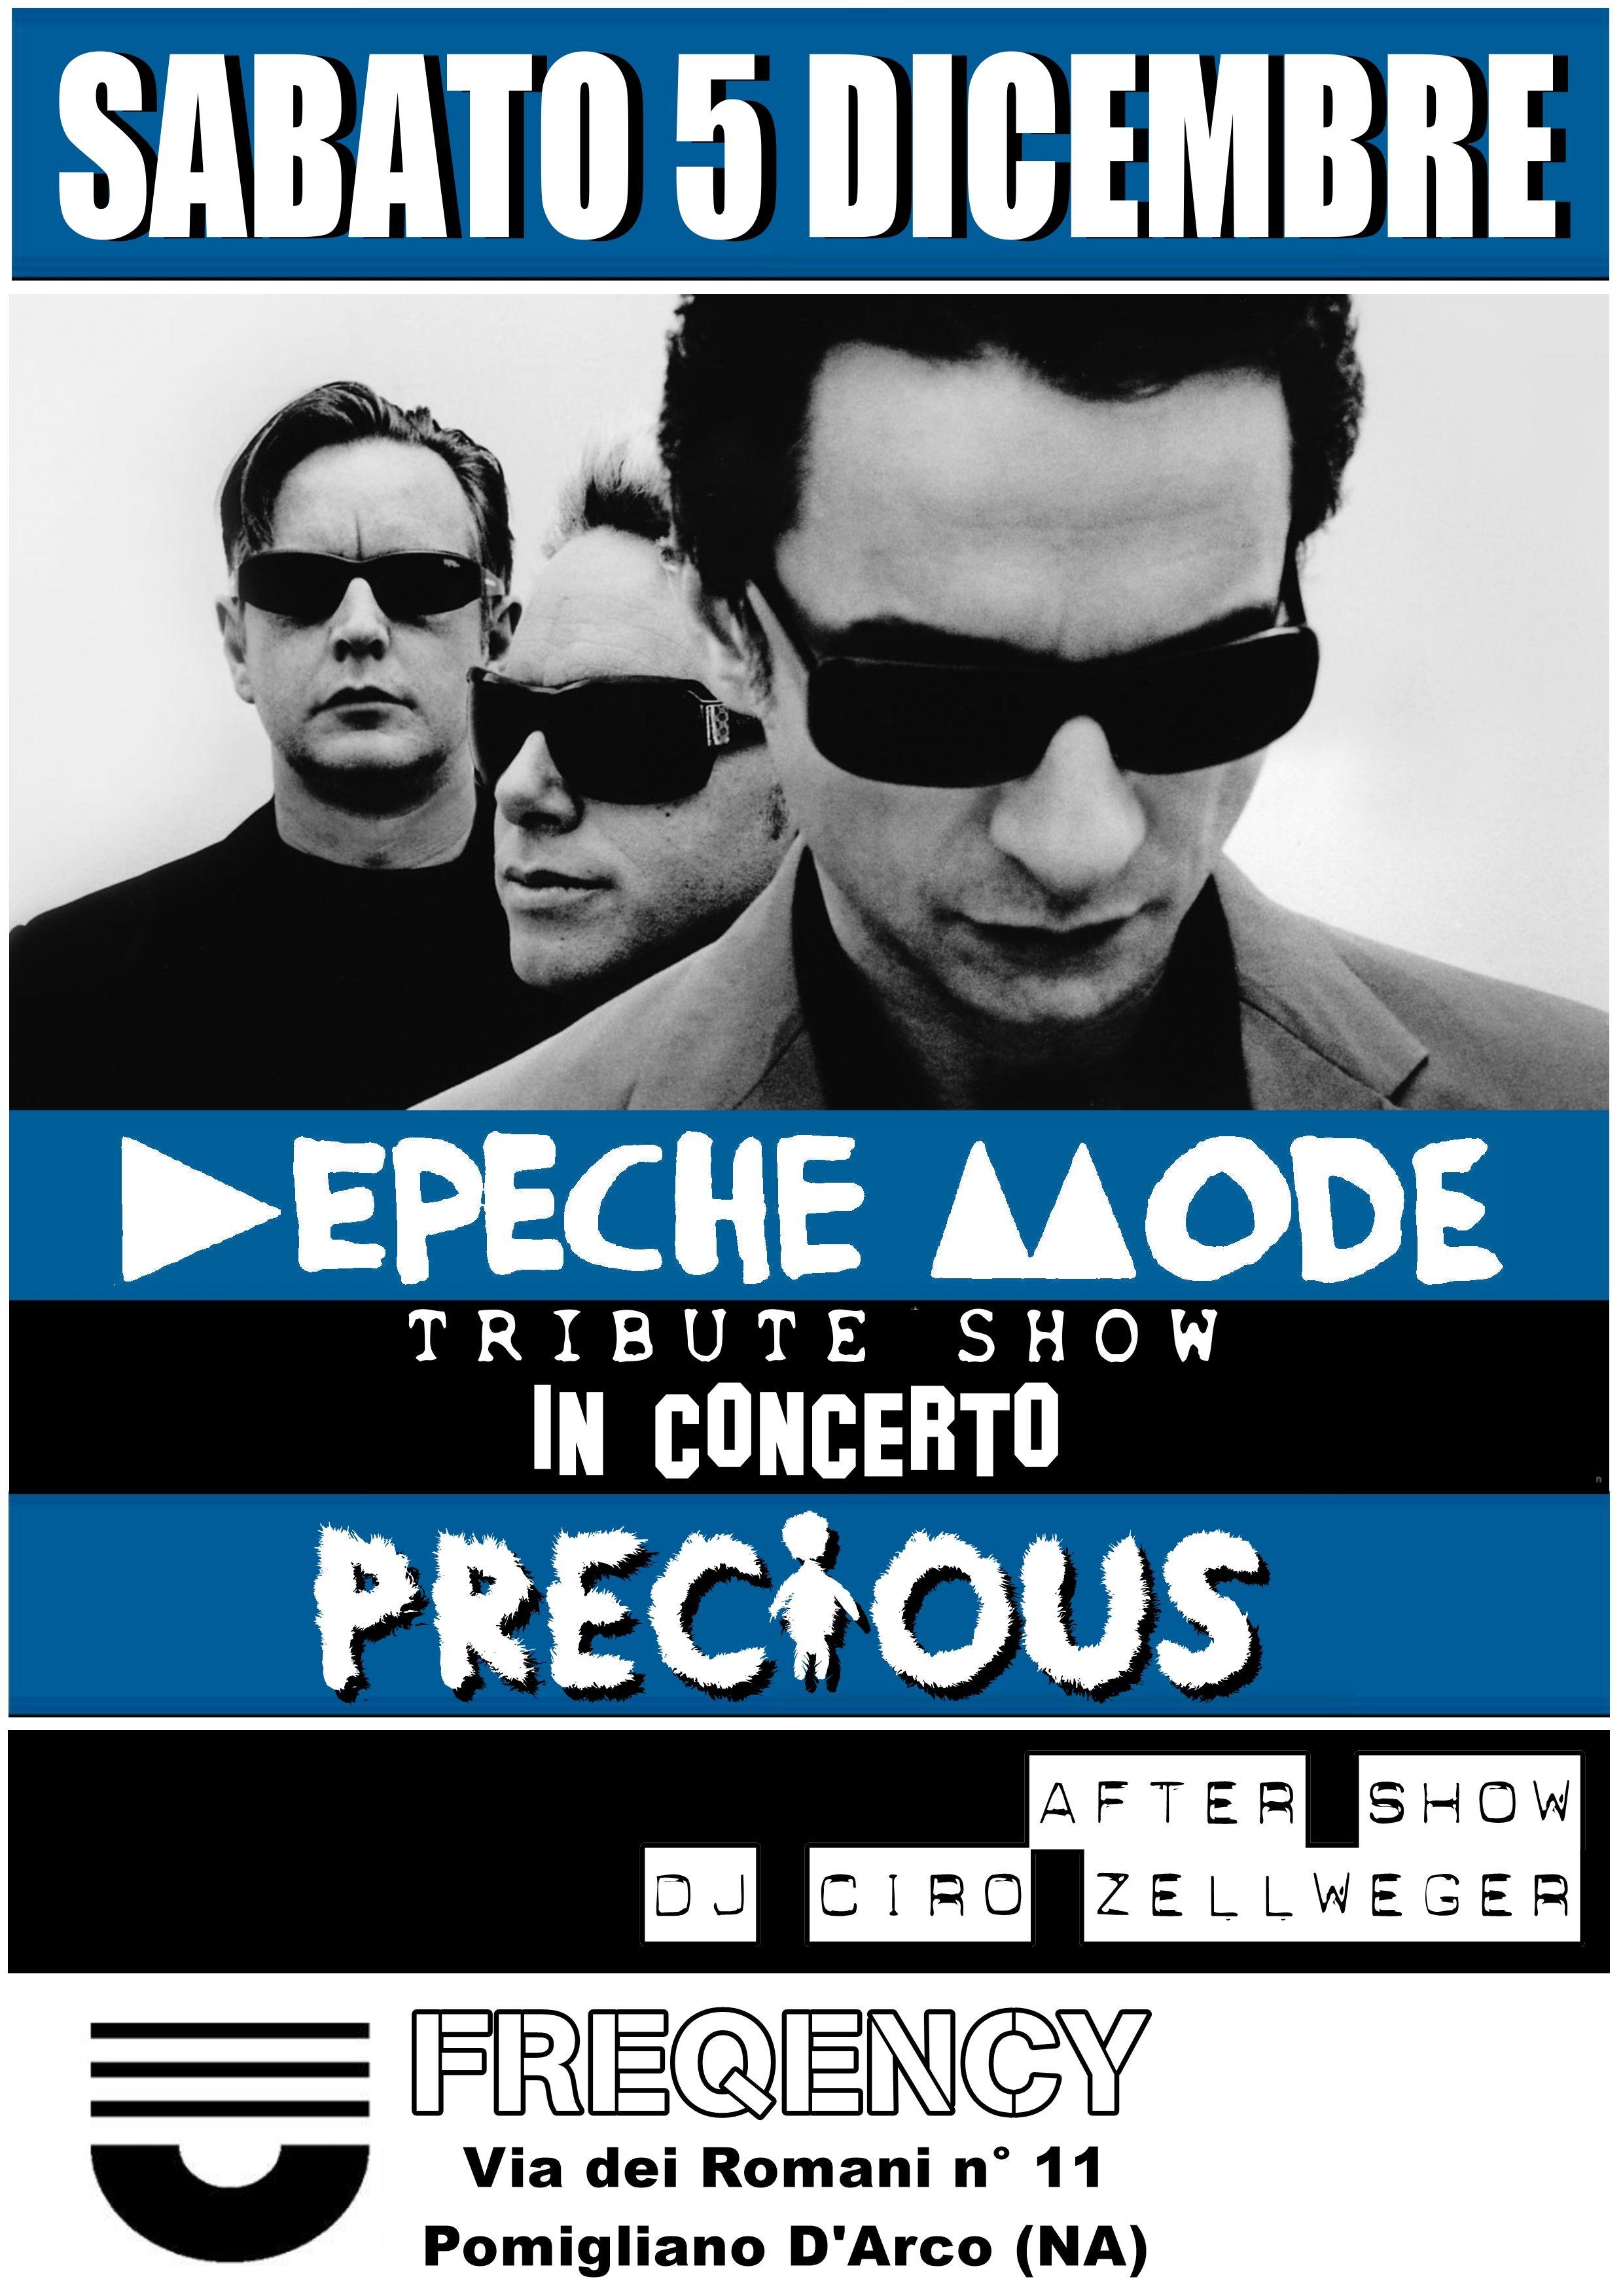 Via Romani Pomigliano D Arco sabato 5 dicembre depeche mode tribute party al freqency di